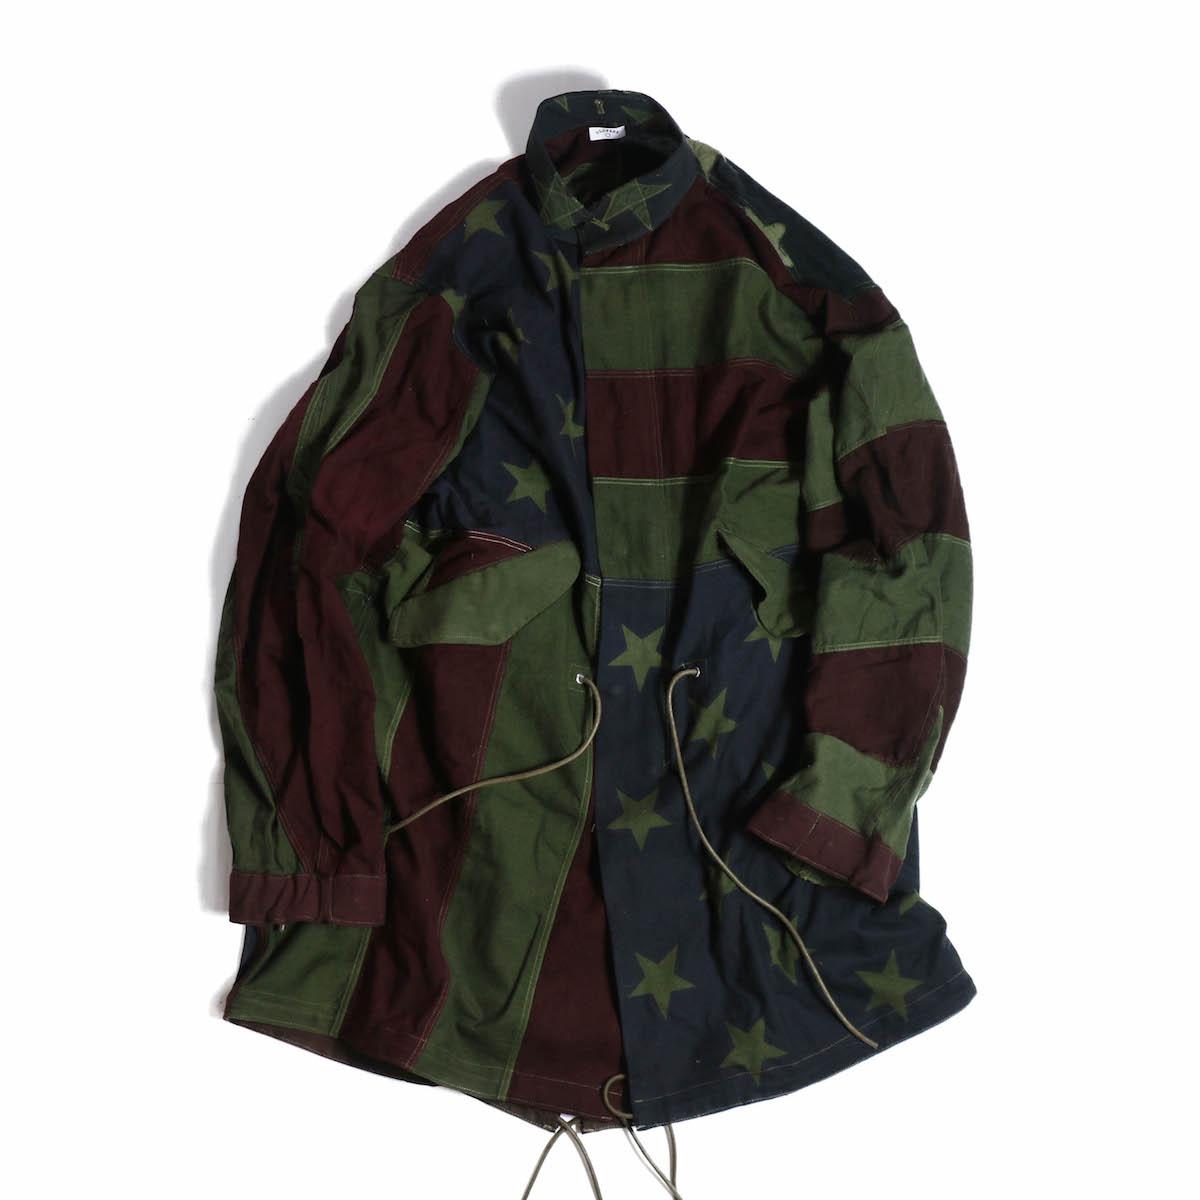 <H1> オリーブカラーに染色したアメリカンフラッグをMODS COAT にリメイクした象徴的なスペシャルアイテム。 </H1> <P> 奇跡的に再入荷致しました。<BR> 国旗の柄の配置等も考えて製作され、これはかっこいい一枚です。<BR> オリーブに染色されることで、着用しやすく、スプリングコートにもってこいの一枚に。 ※古着を使用したリメイクアイテムですので、使用感、破れ、汚れ、穴など、各種ダメージにご理解下さい。<BR> ※こ